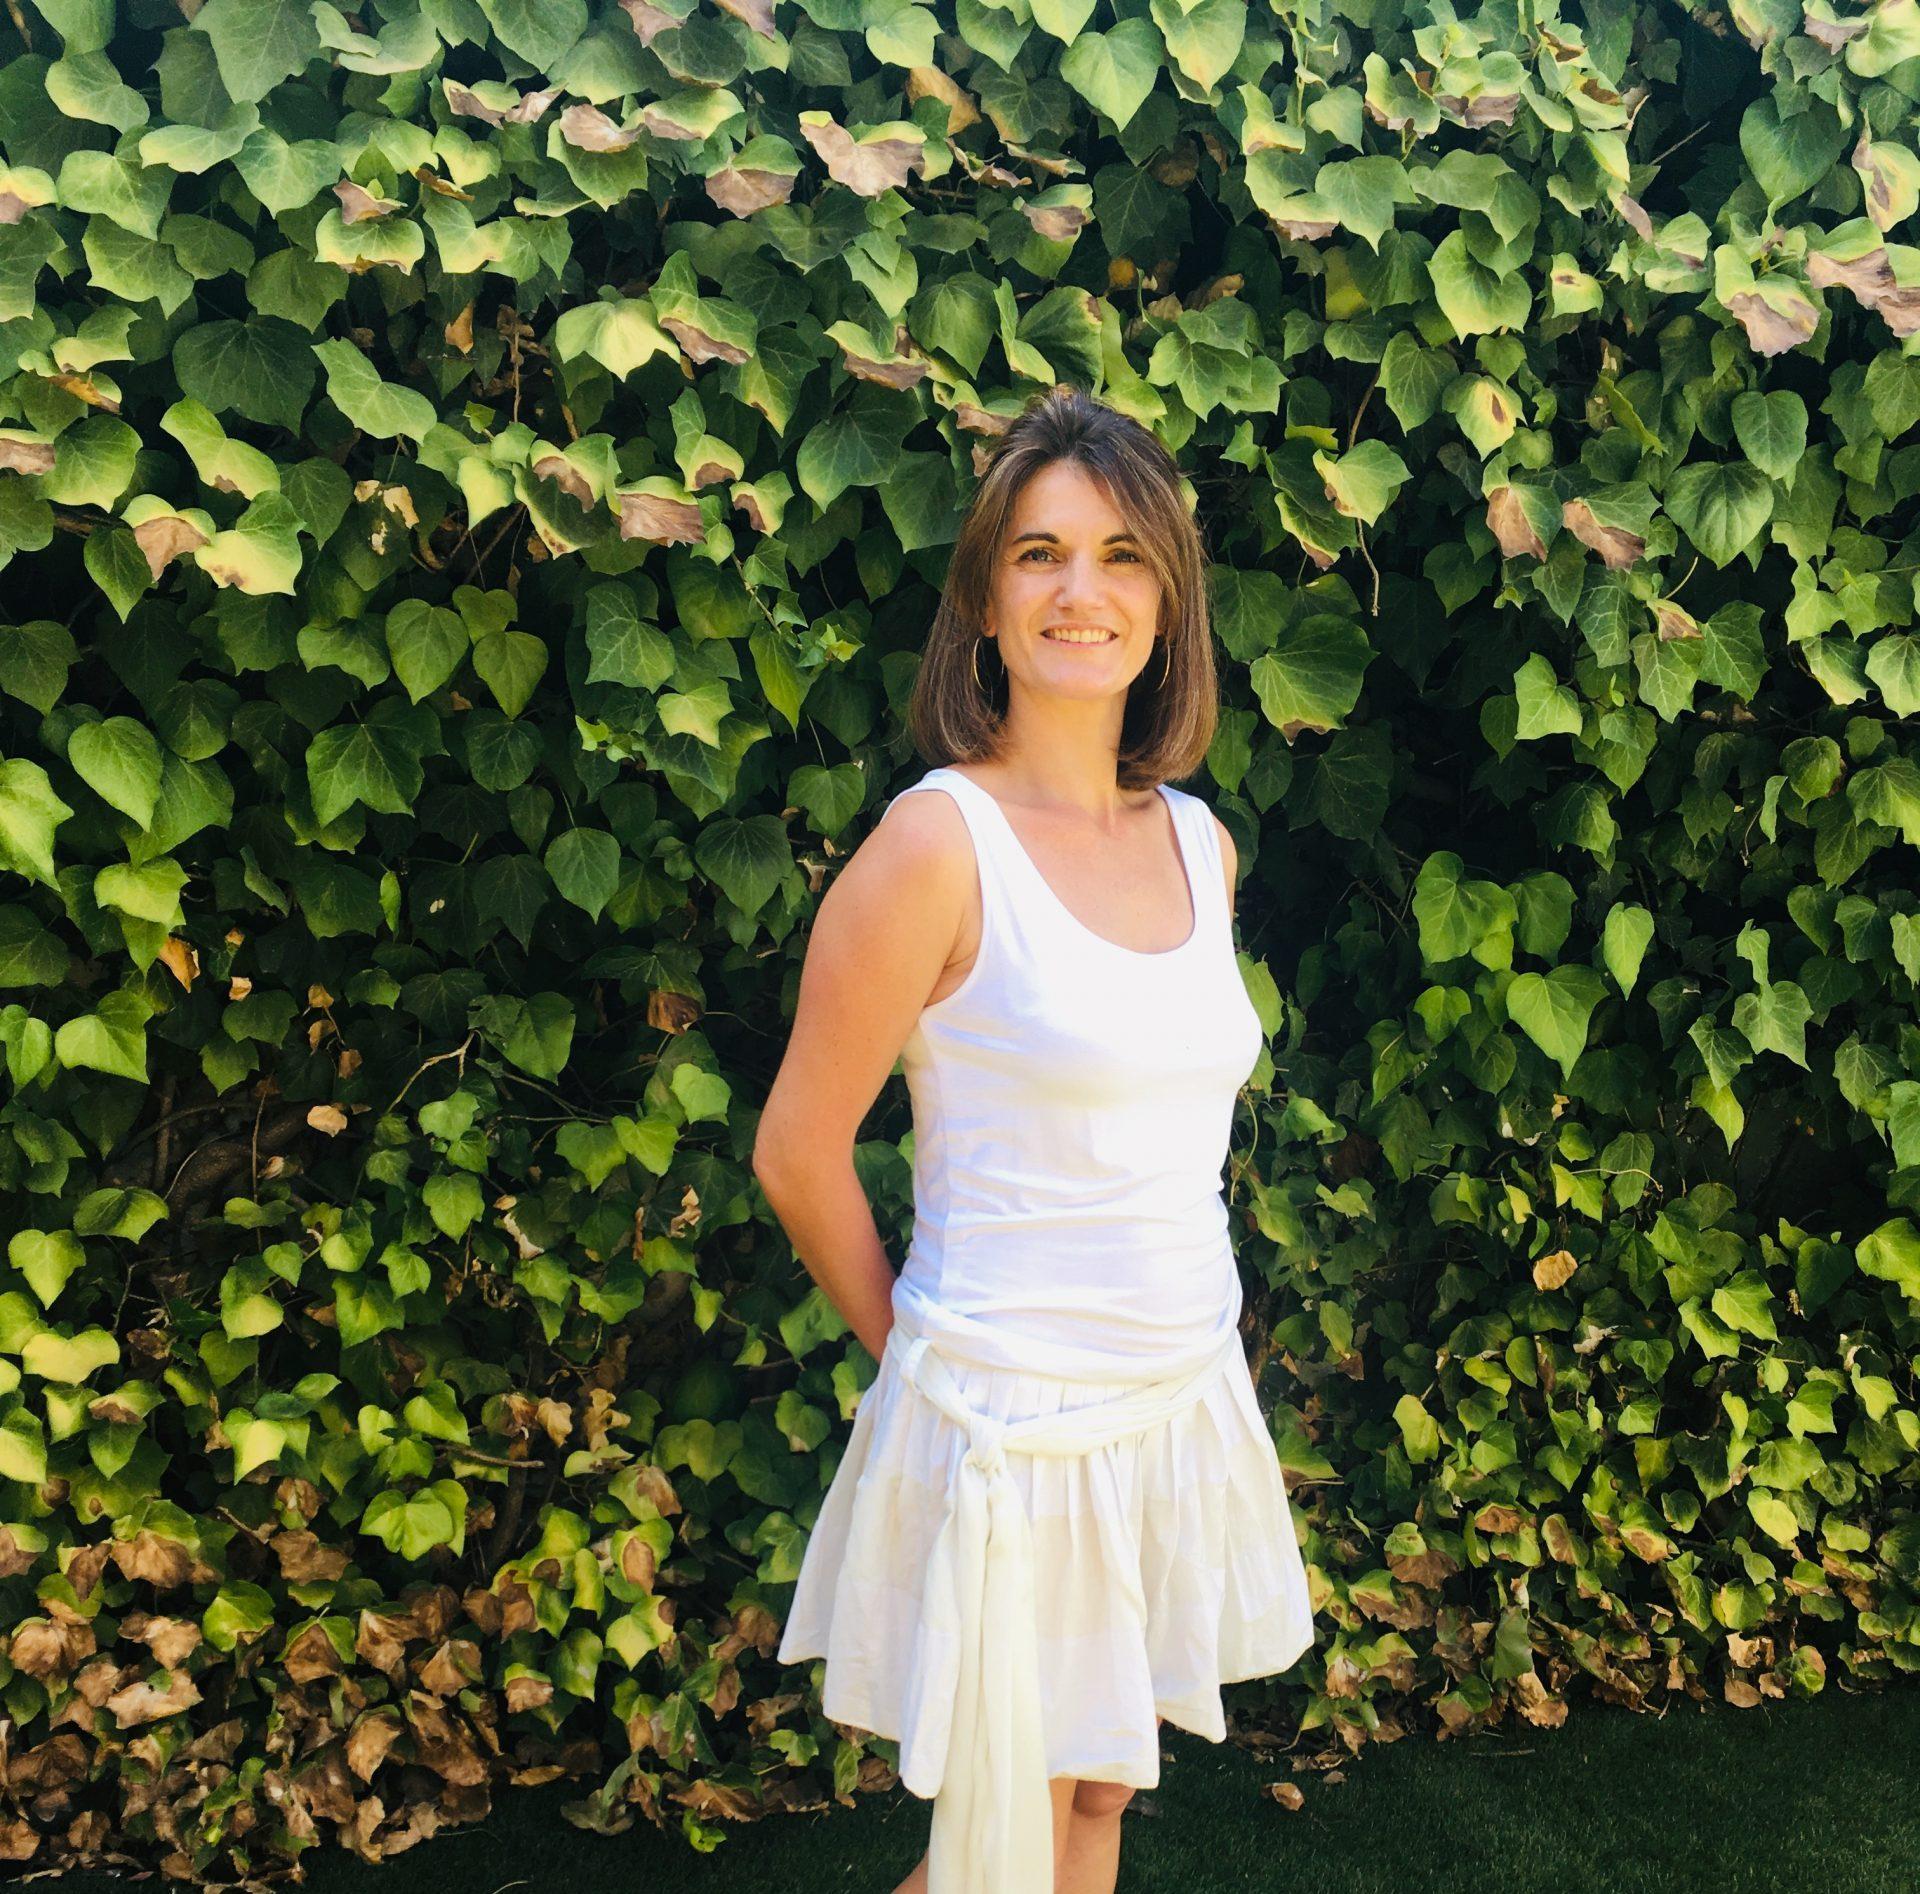 Juliette Lana